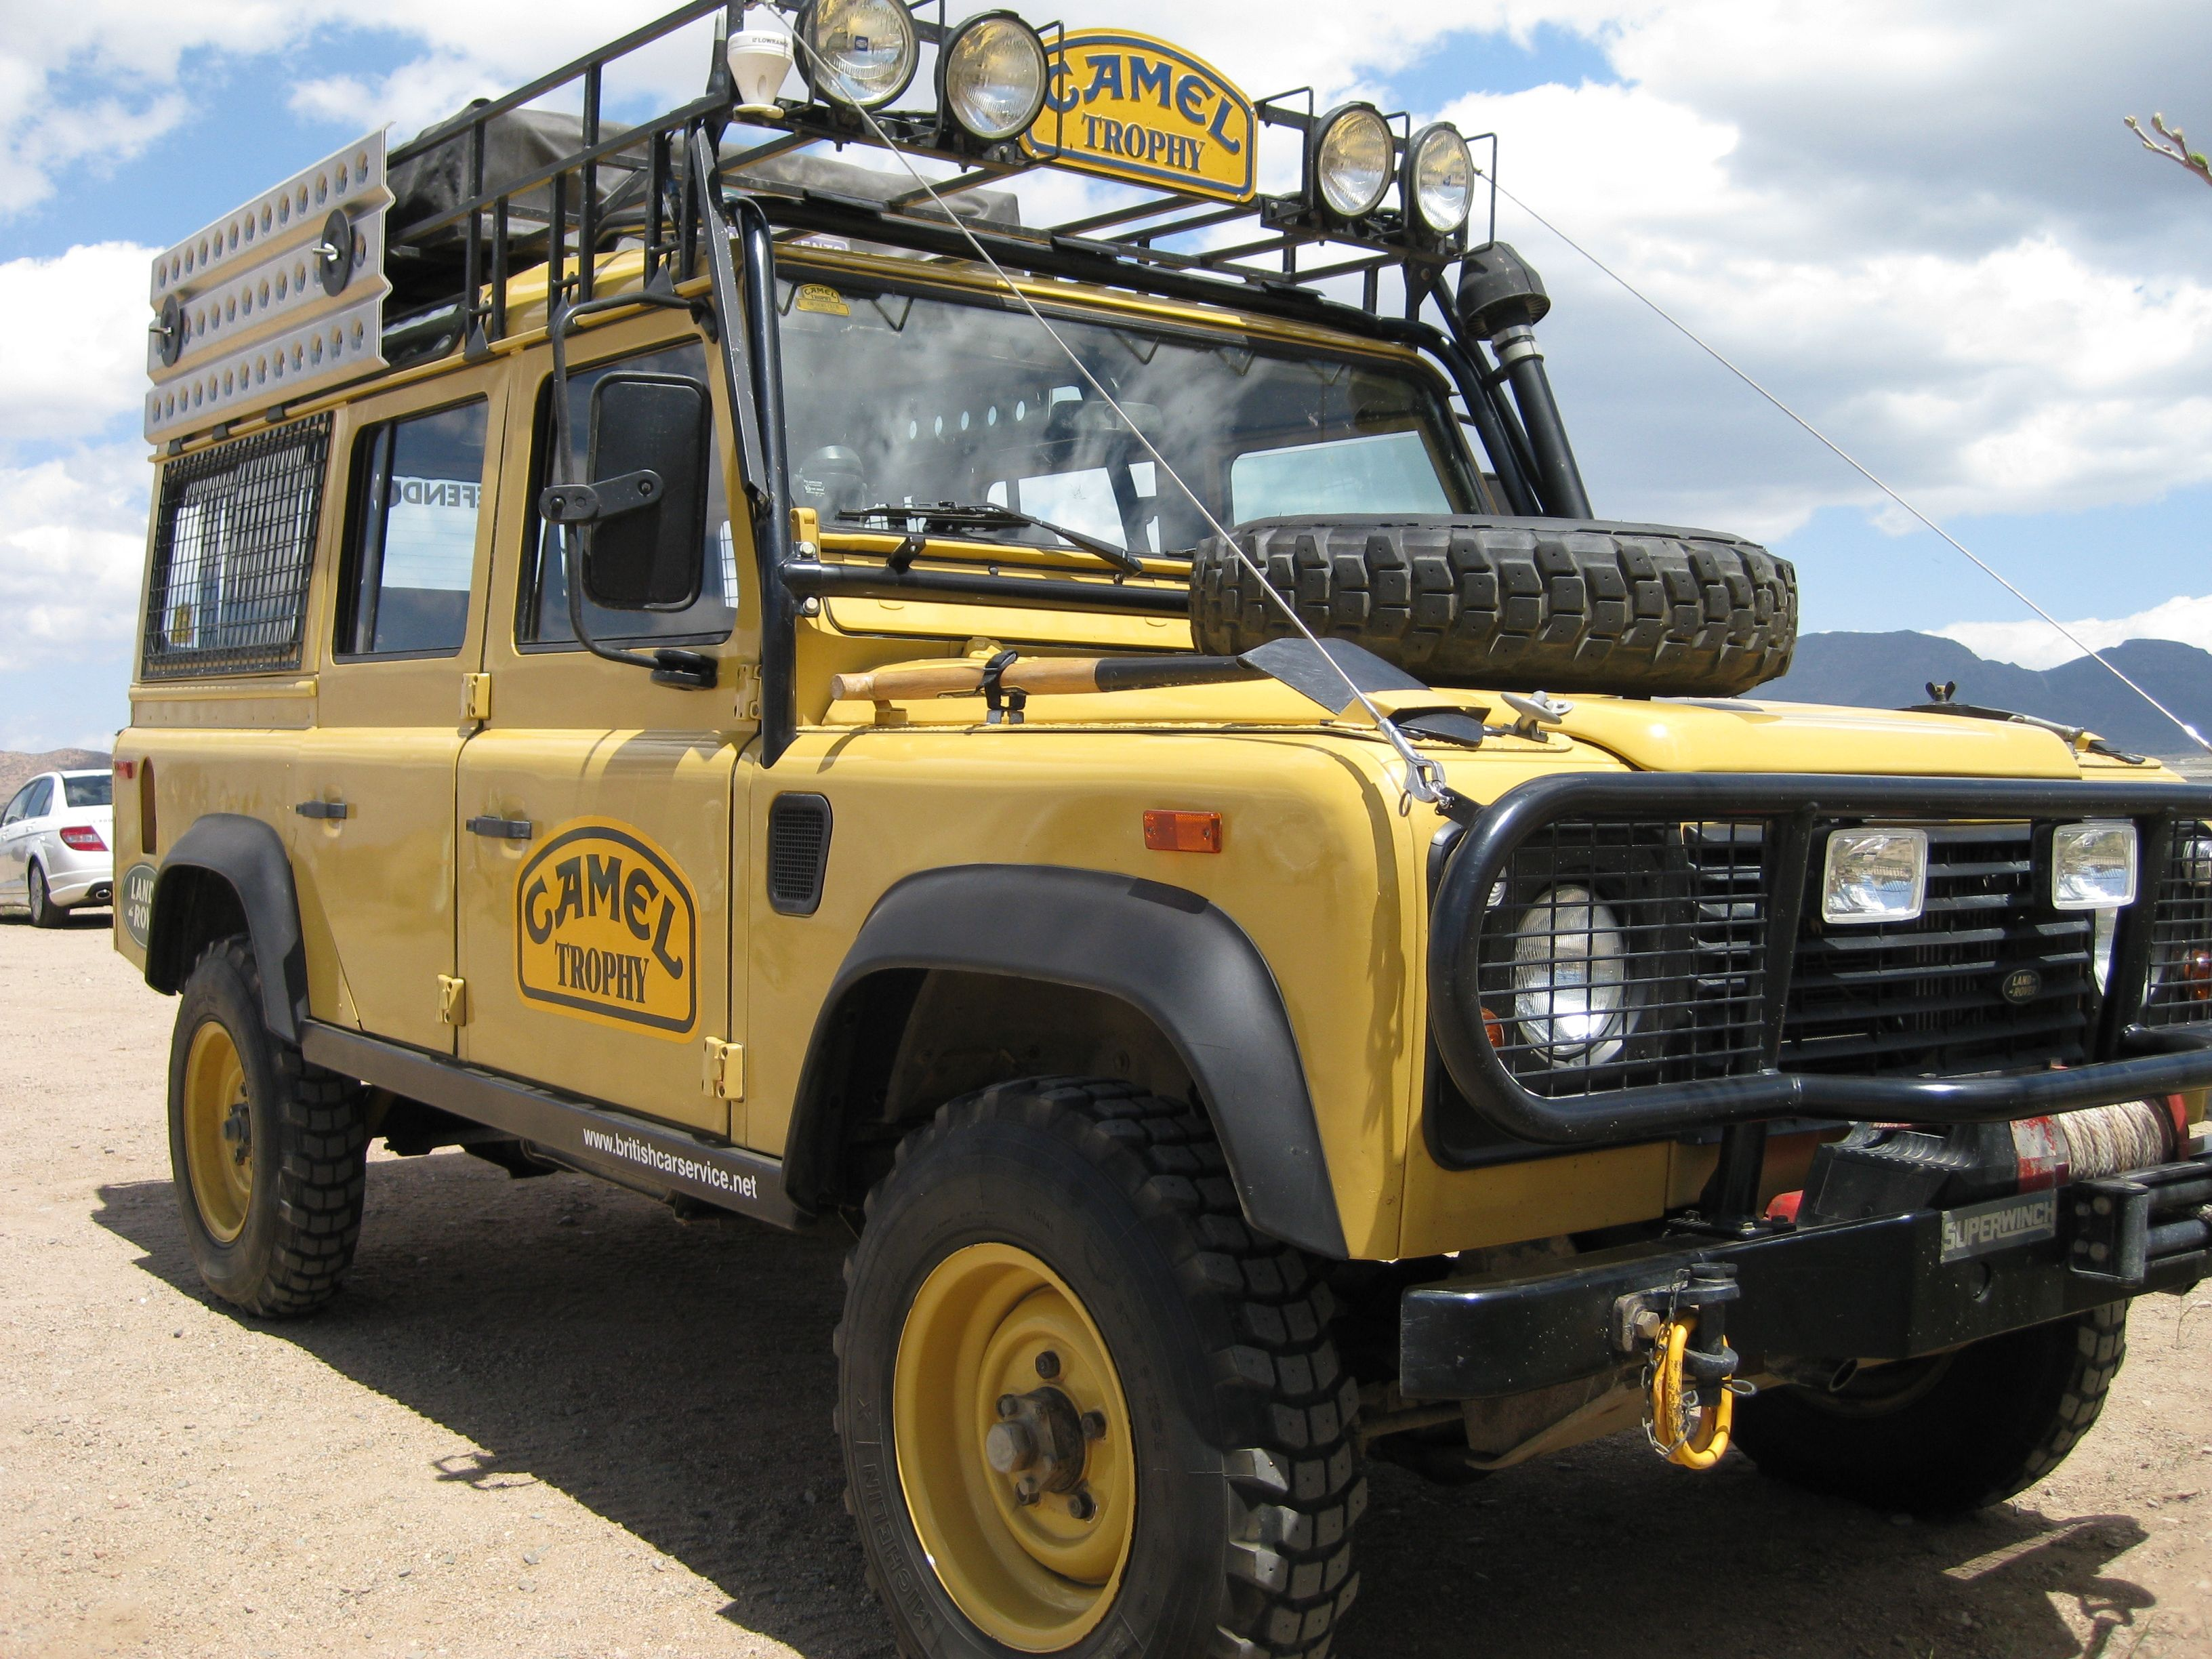 Camel Trophy Land Rover Defender 110 Camel Trophy Land